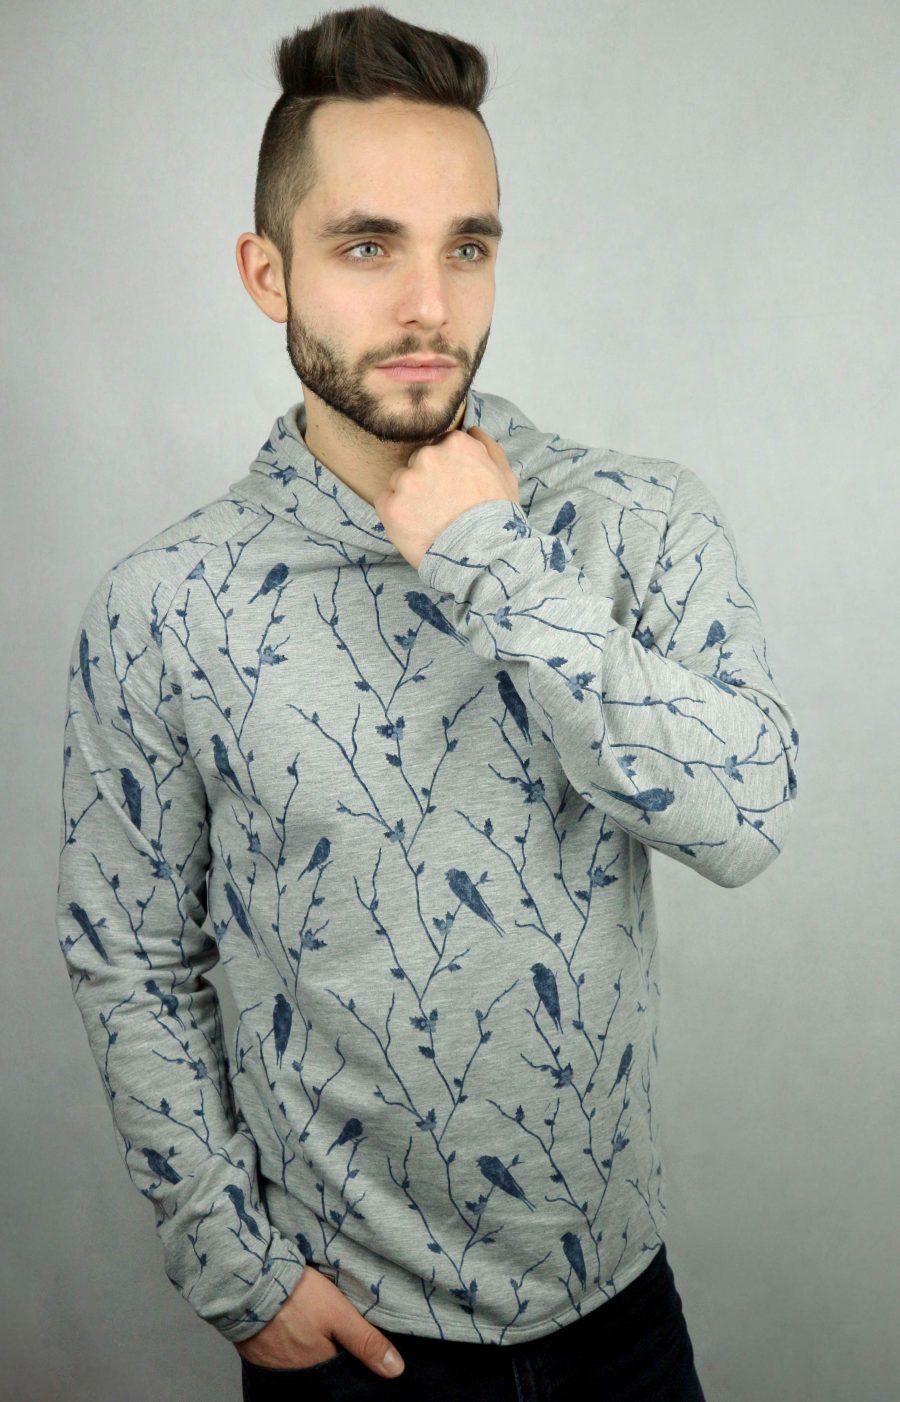 mann mit grauen kapuzenpullover mit blauem Vogeldruck von fraenne